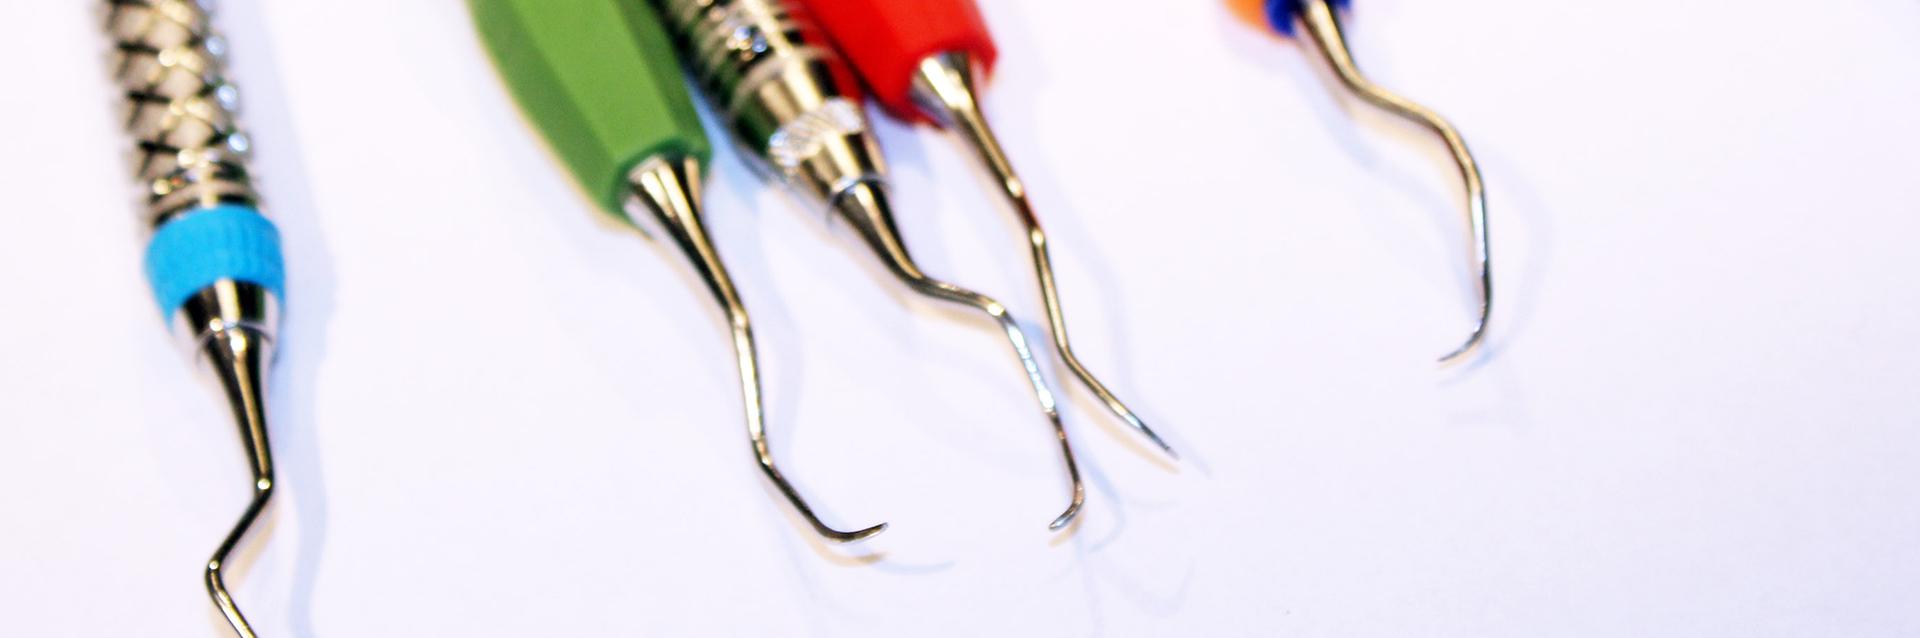 Der Einstieg in die professionelle Zahnreinigung